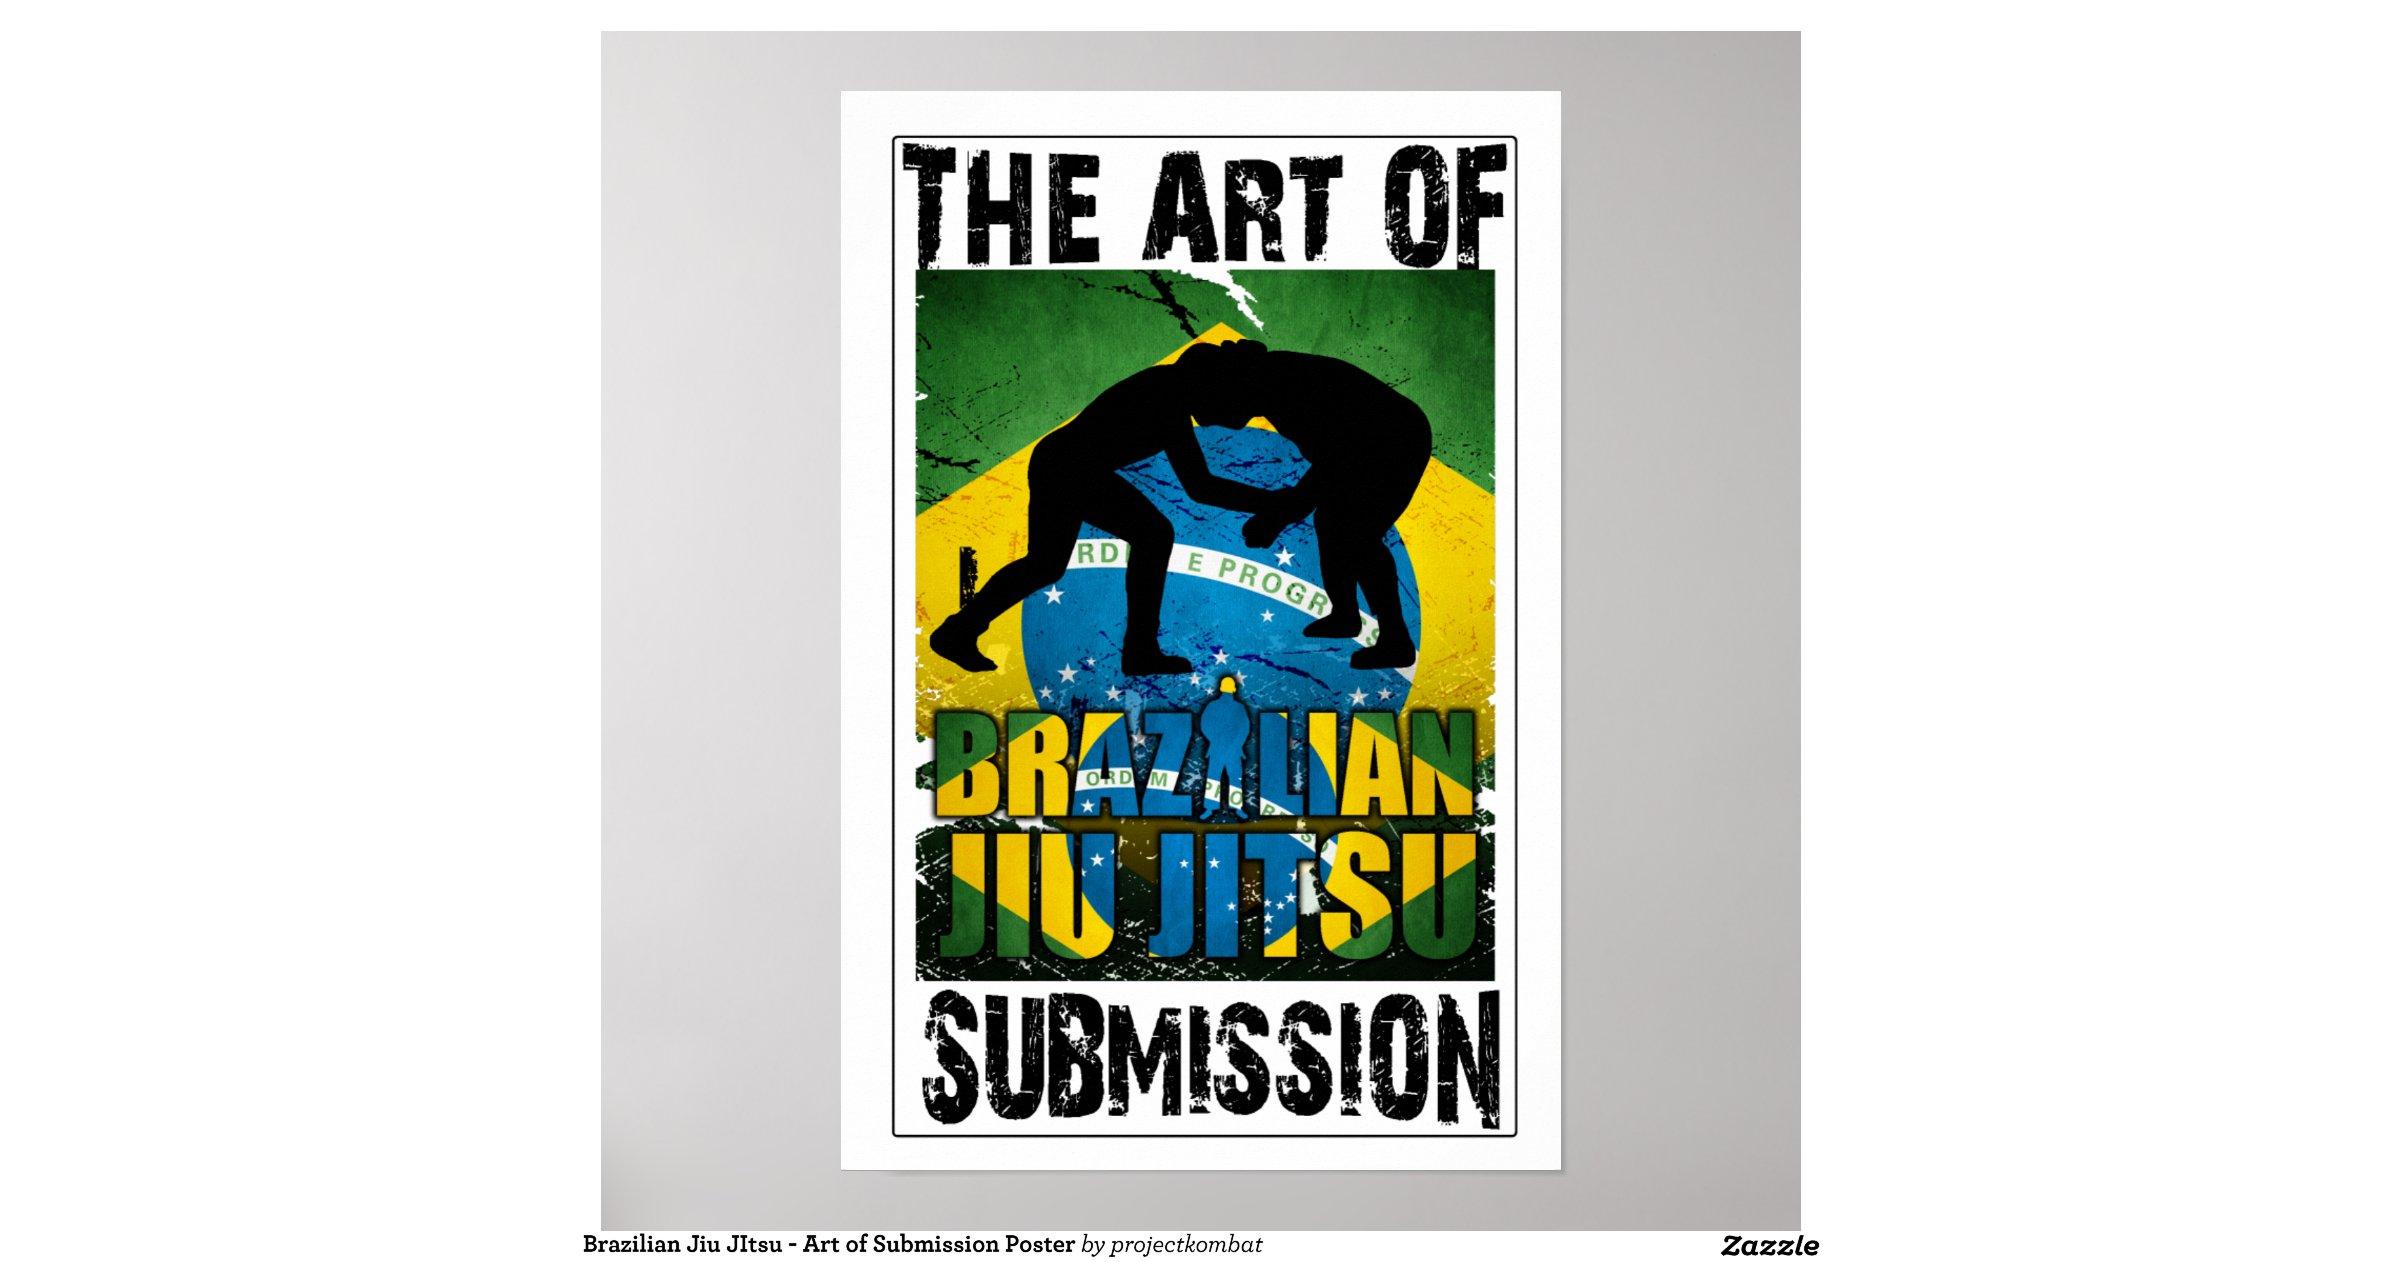 Brazilian Jiu Jitsu Posters Brazilian Jiu Jitsu Art of